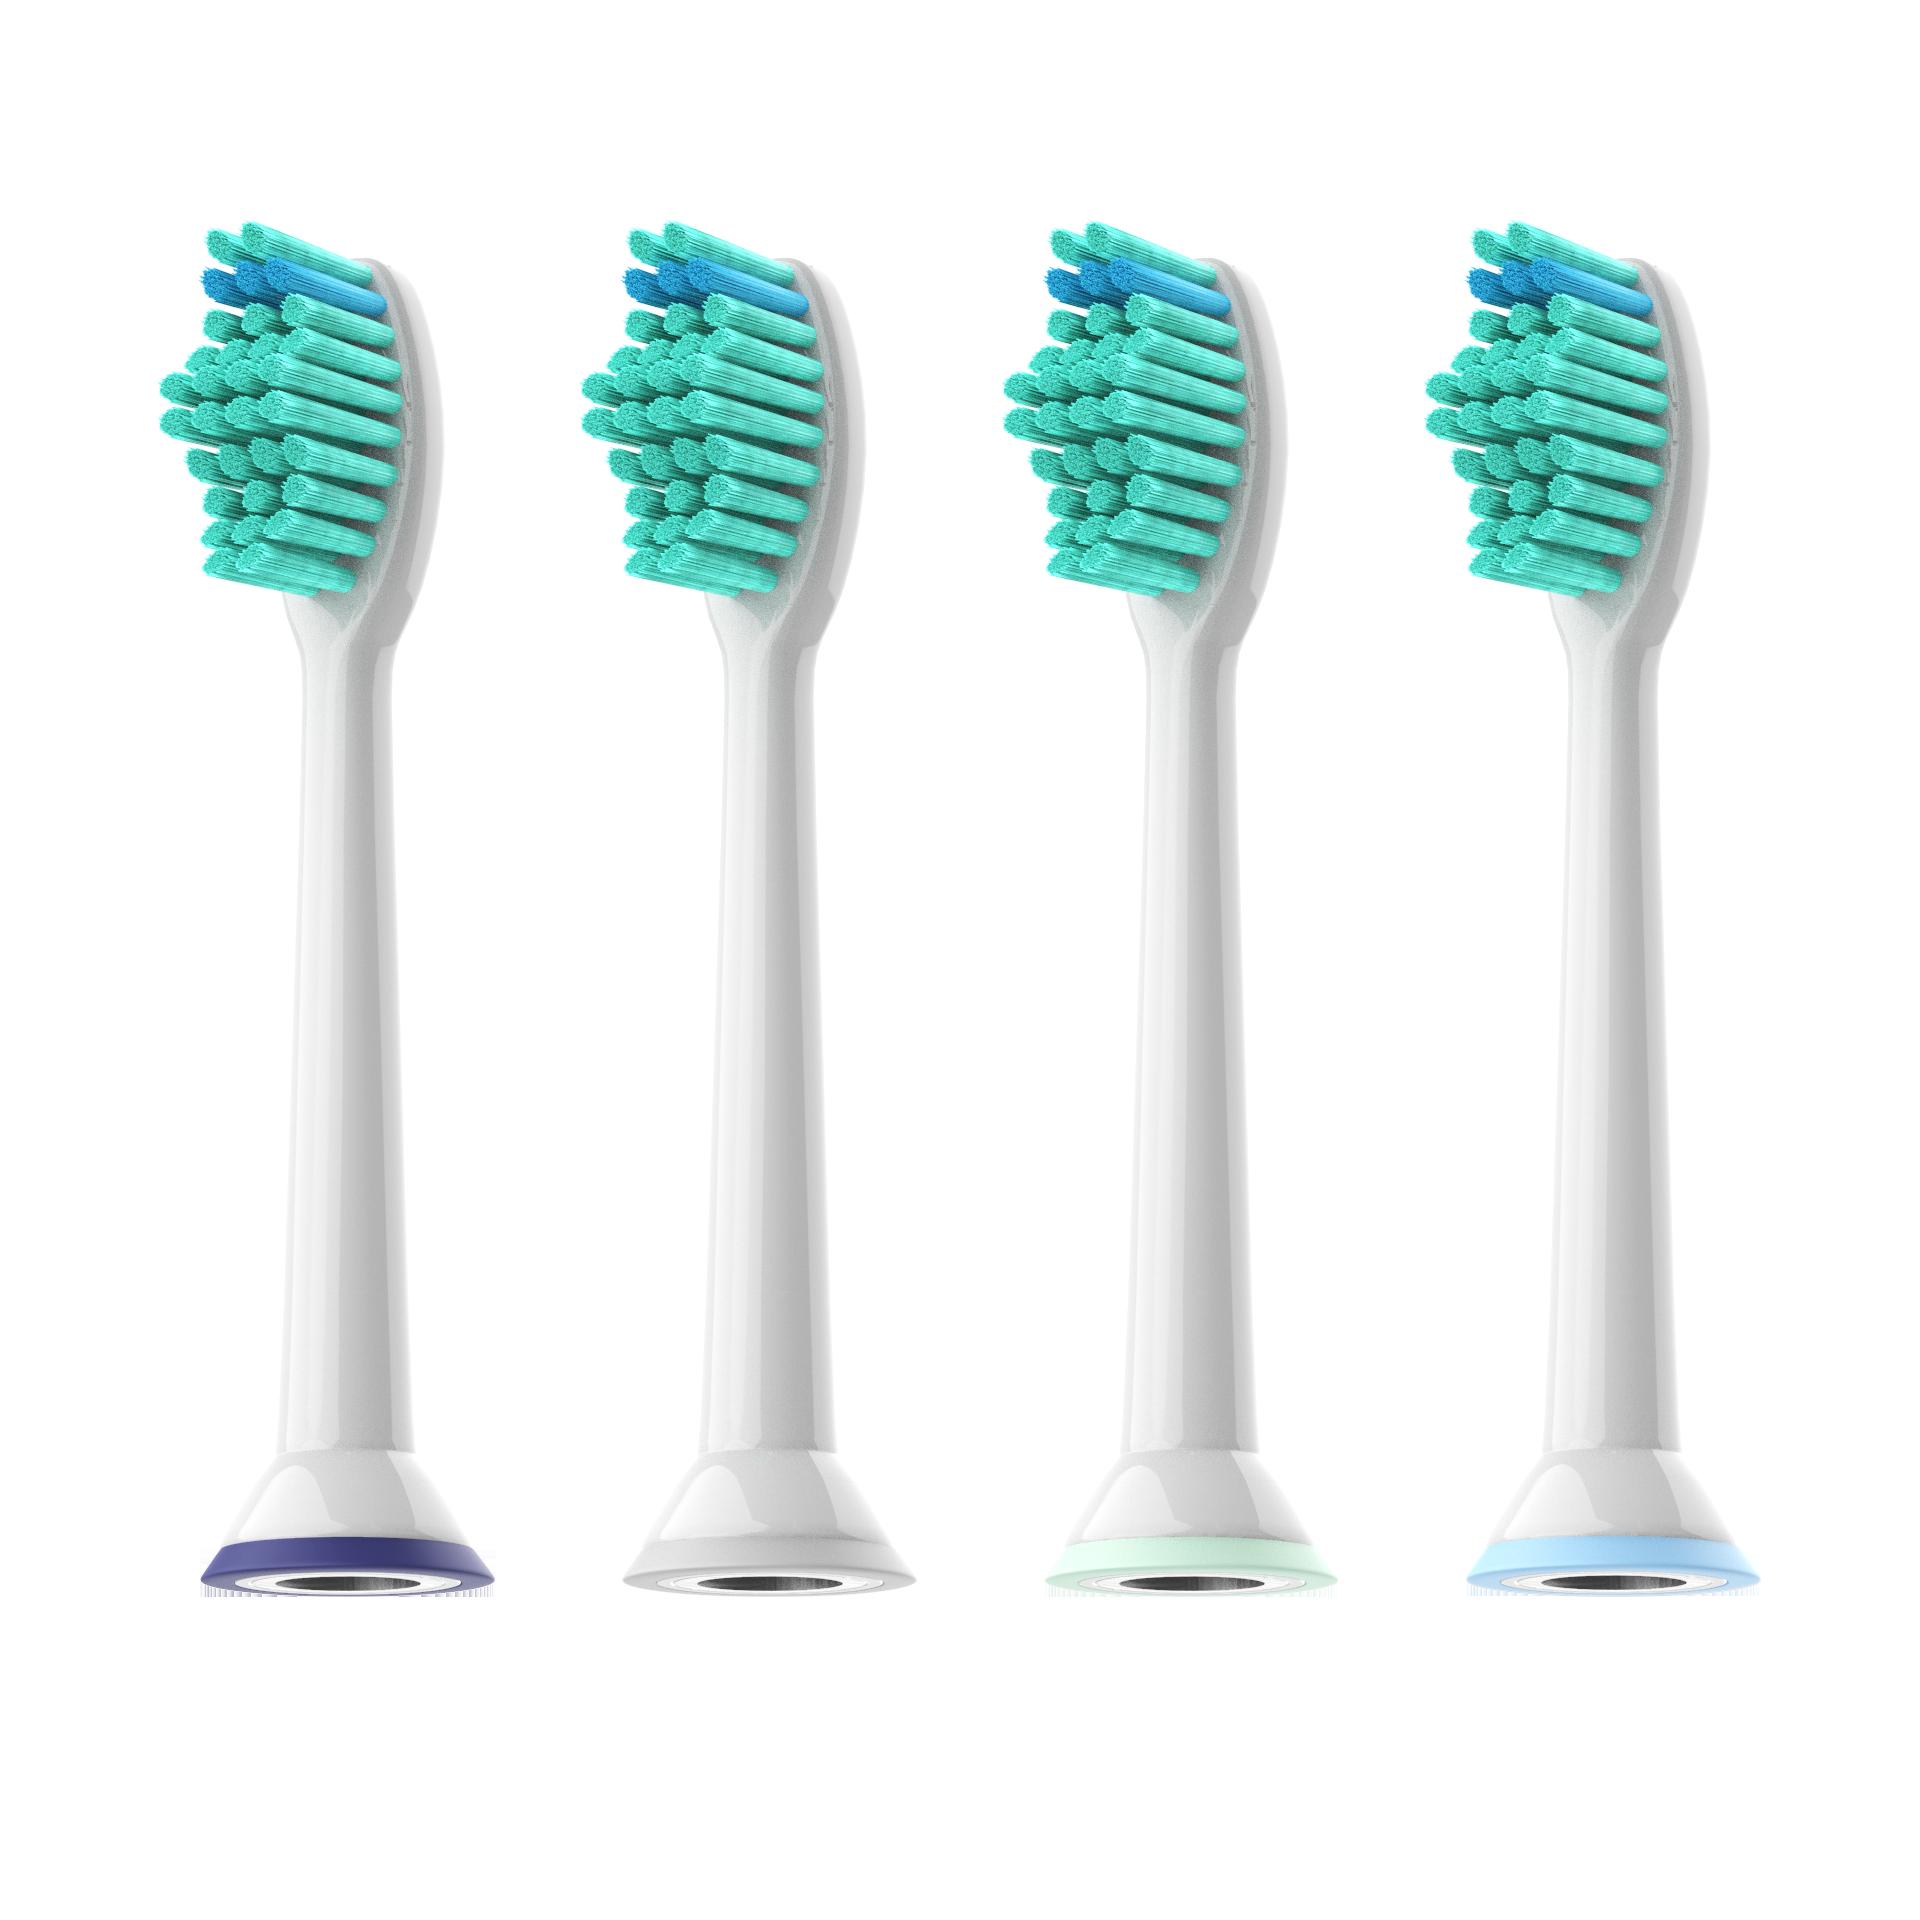 20 unids/lote cabezas de cepillo de dientes de reemplazo para Philips Sonicare ProResults HX6013/66 HX6530 HX9340 HX6930 HX6950 HX6710 HX9140